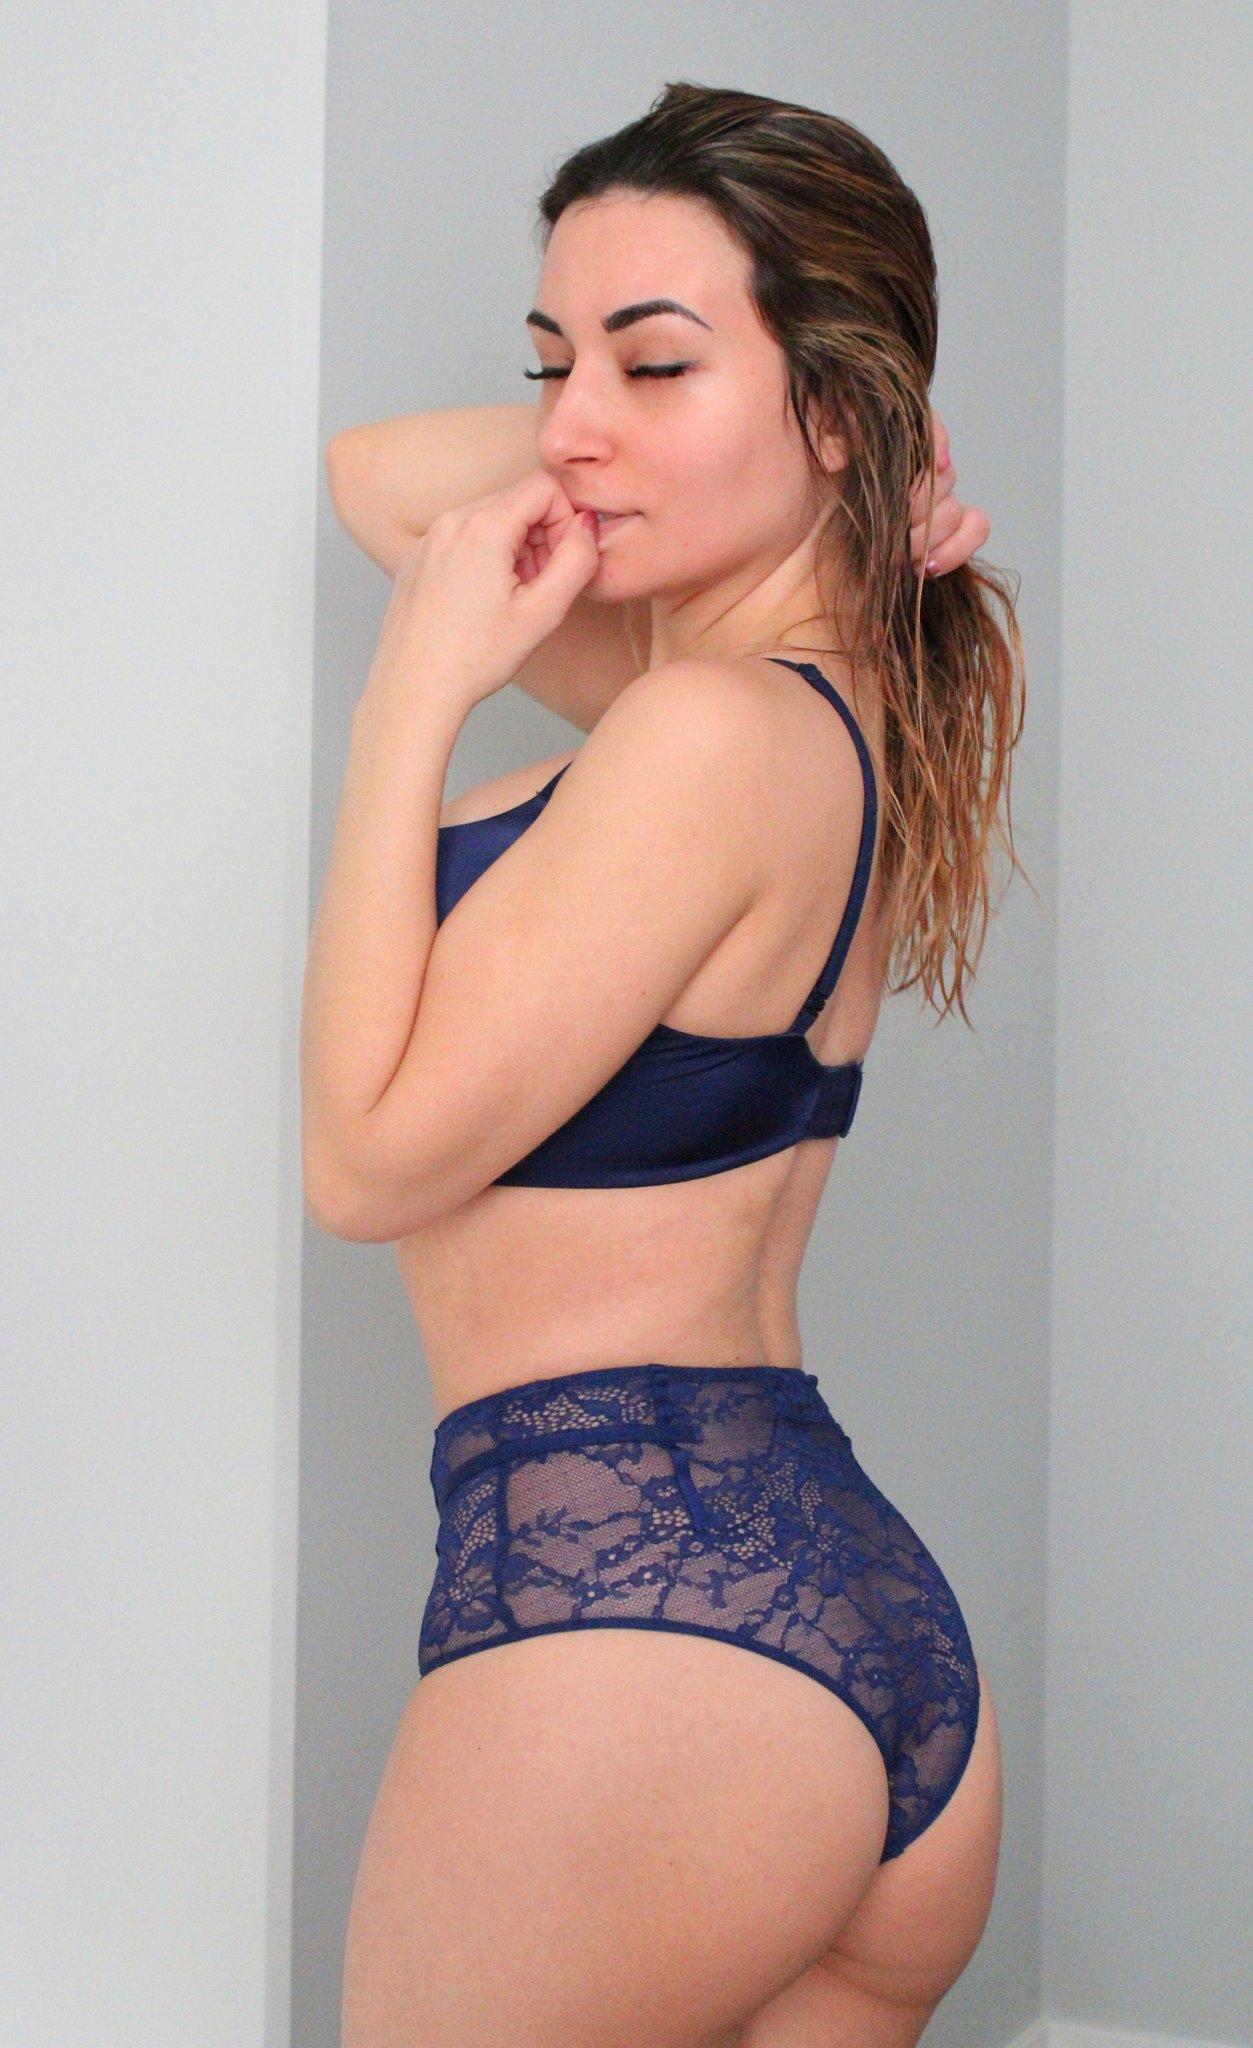 Alinity Ass Pics photo 14